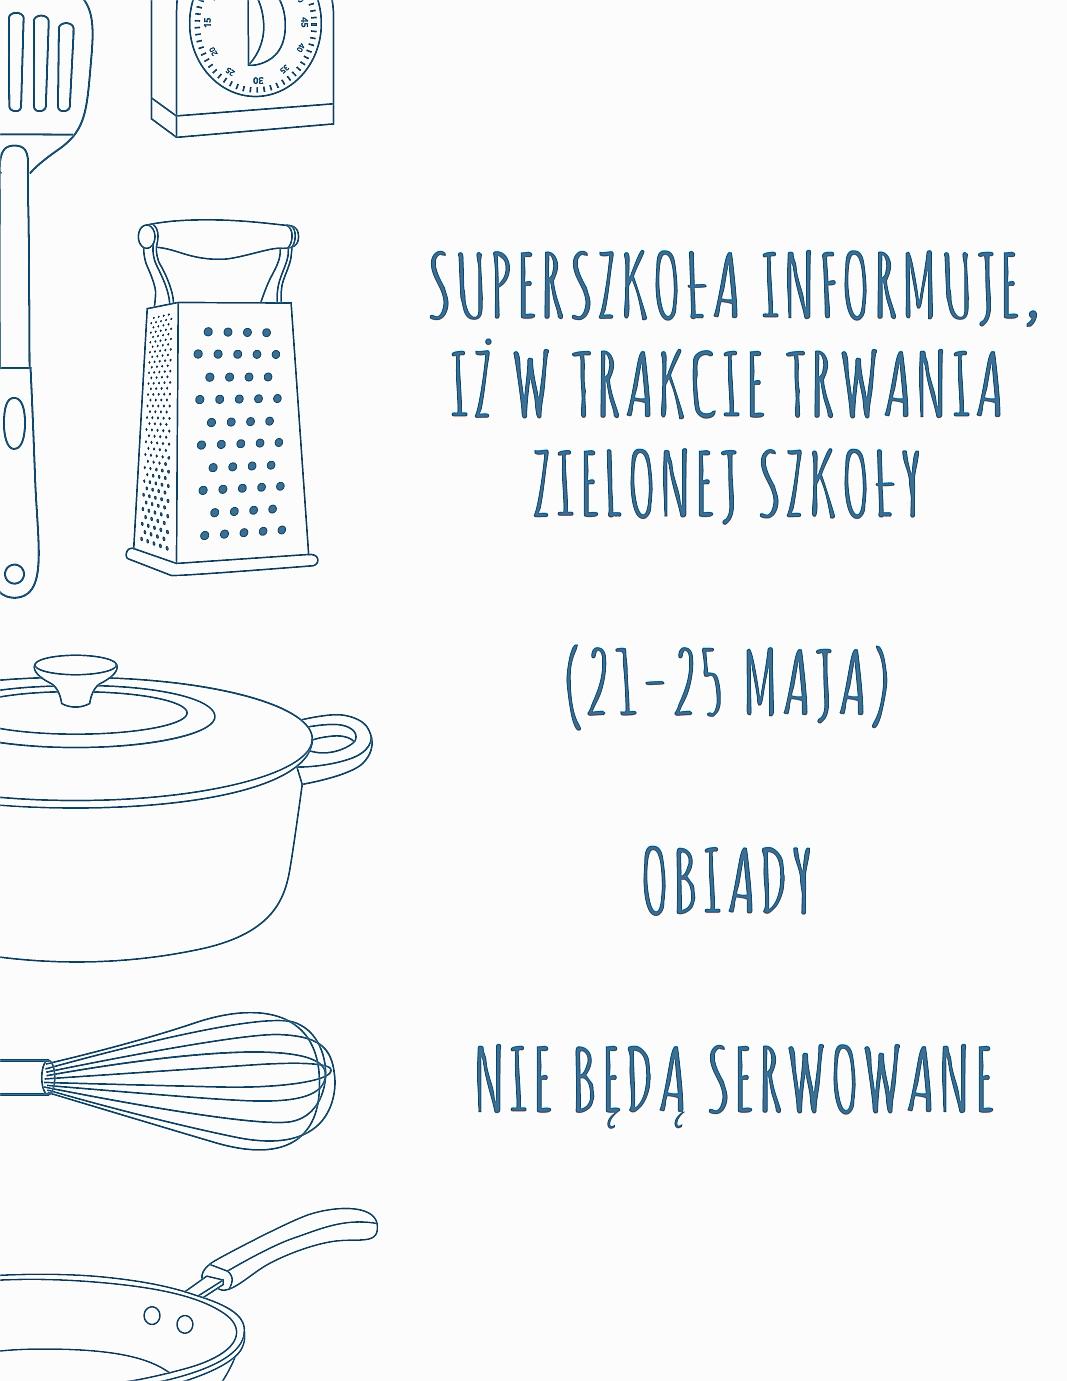 Obiady_Zielona_Szkola_2018